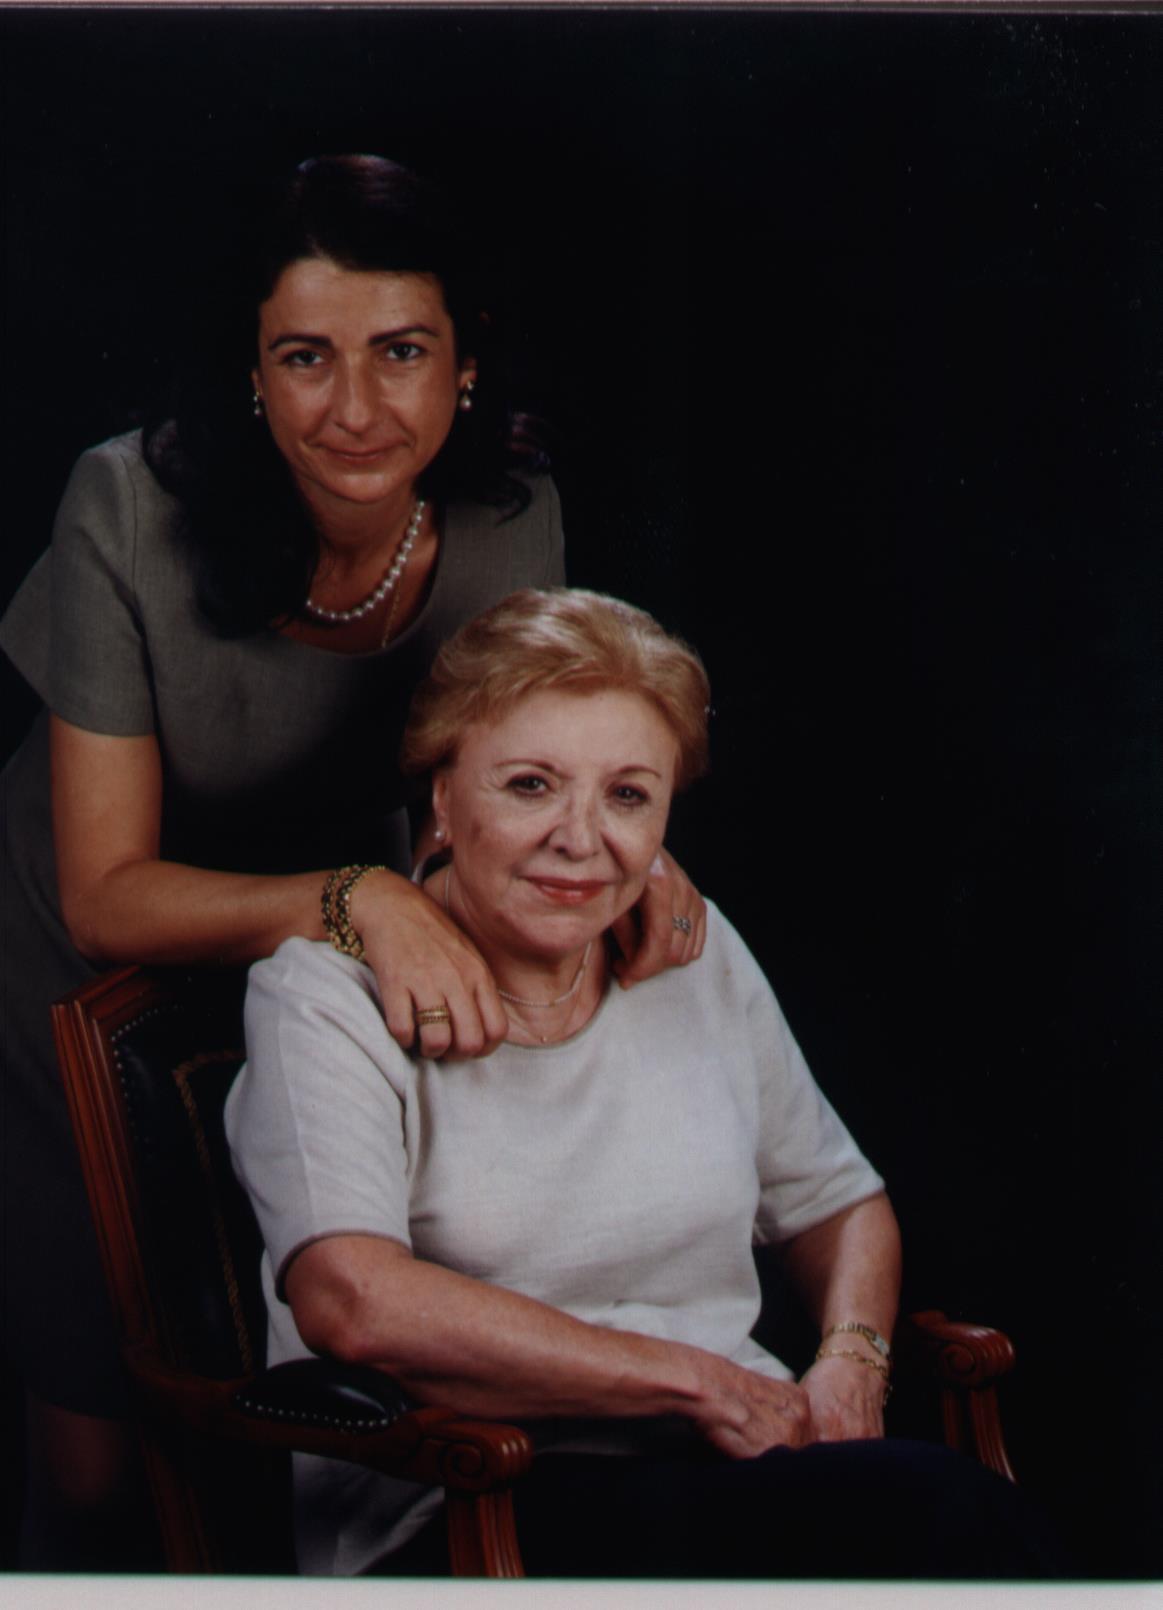 Sra. Verònica Vila-San-Juán